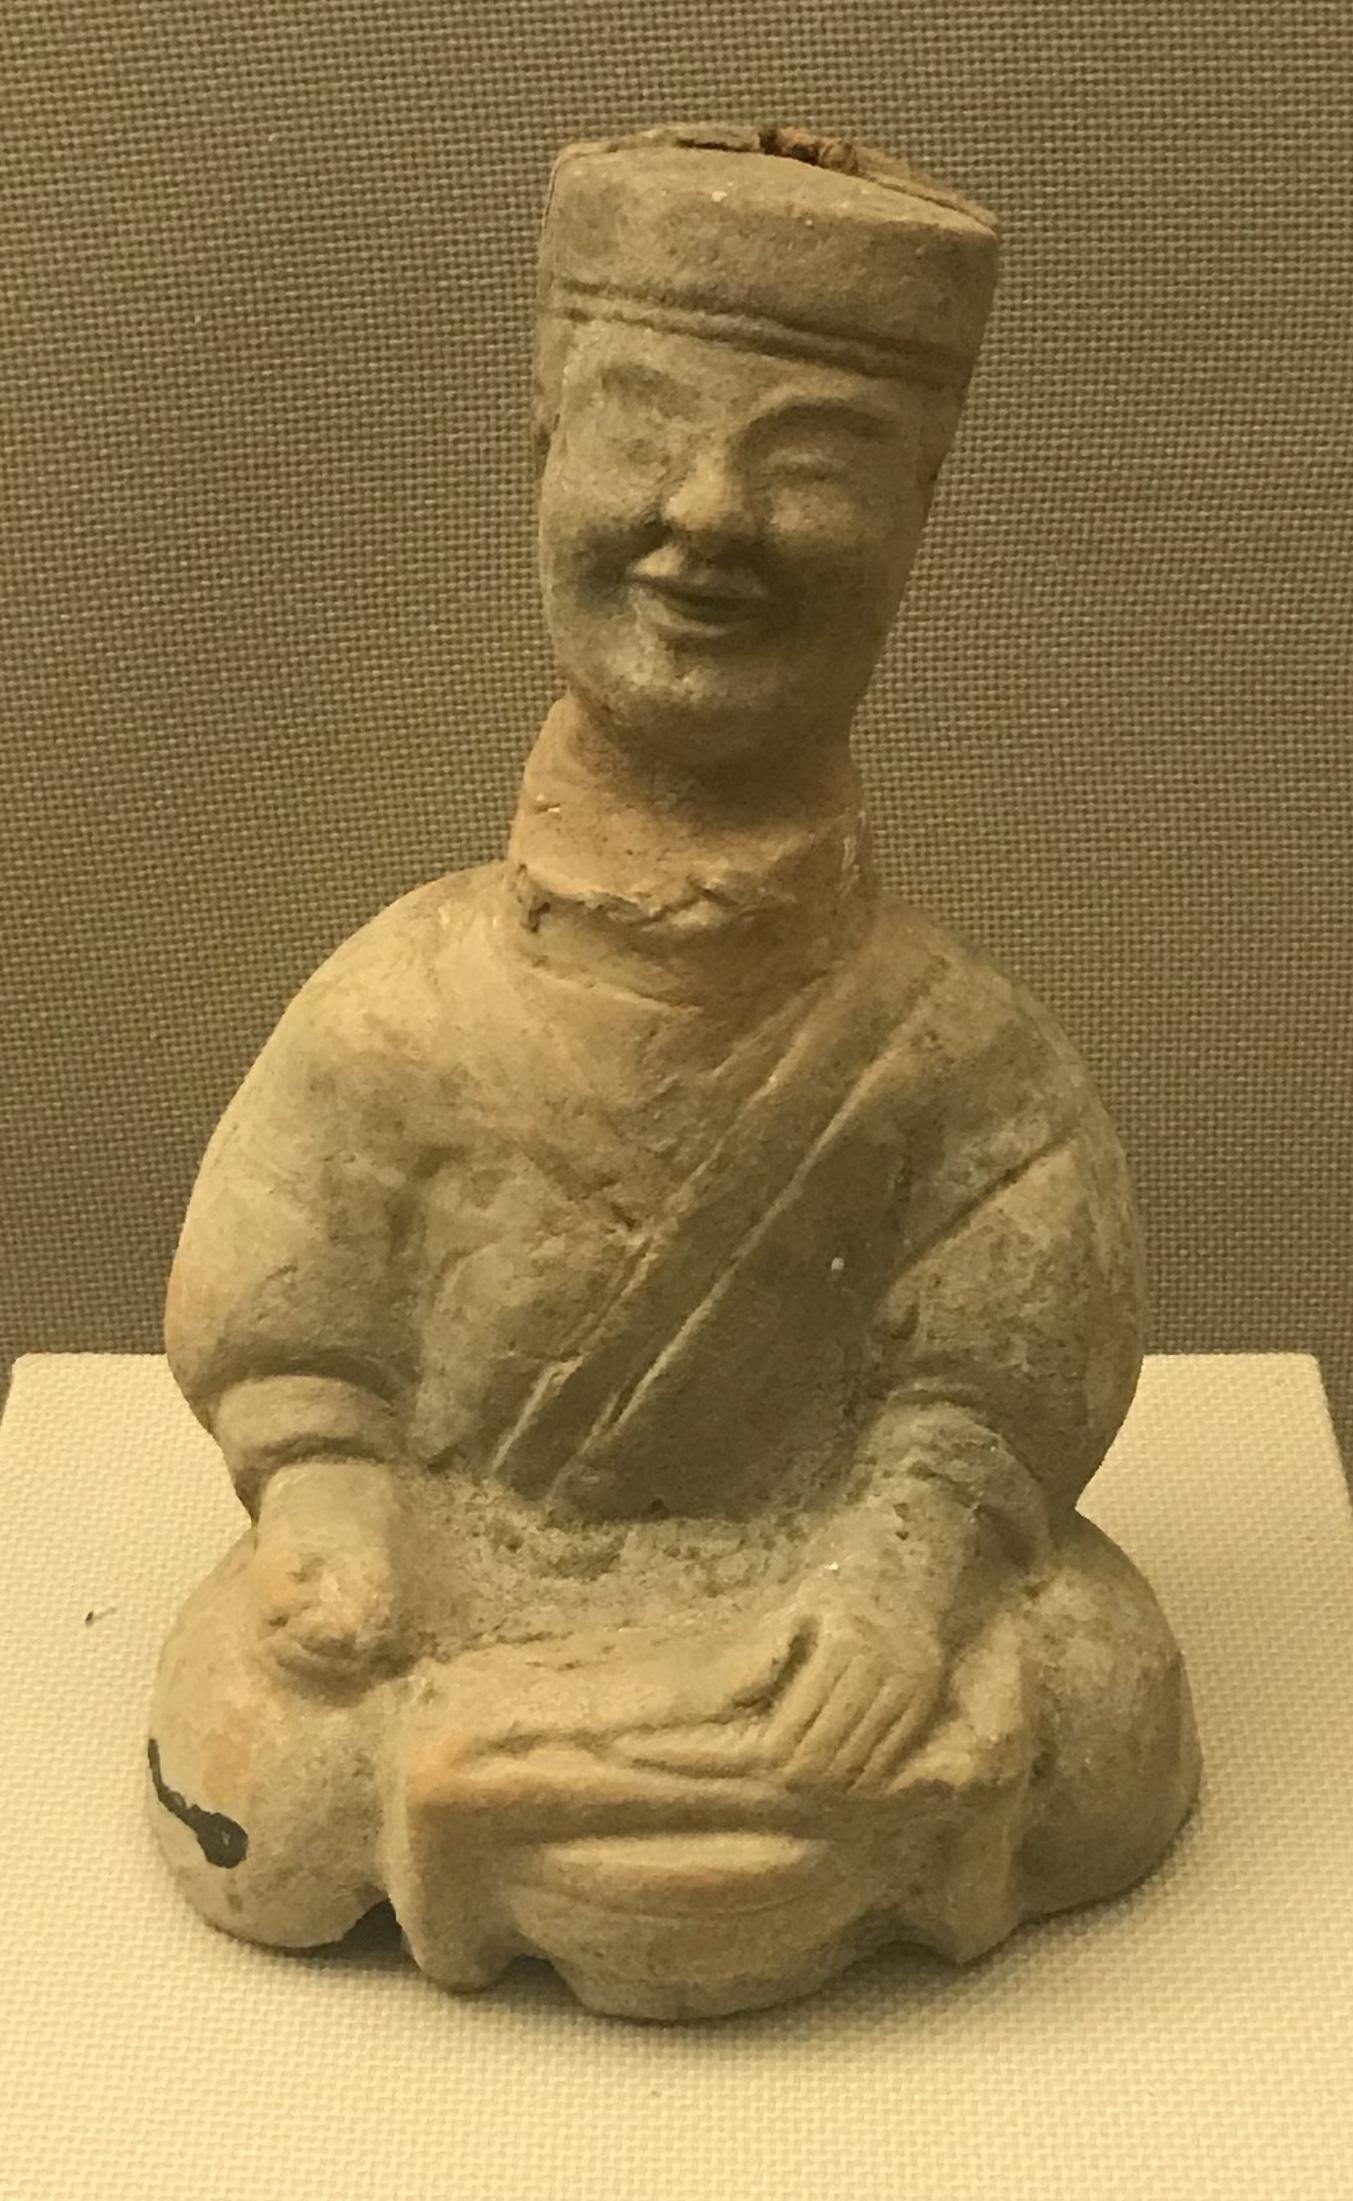 陶厨房俑2-東漢-四川漢代陶石芸術館-四川博物院-成都